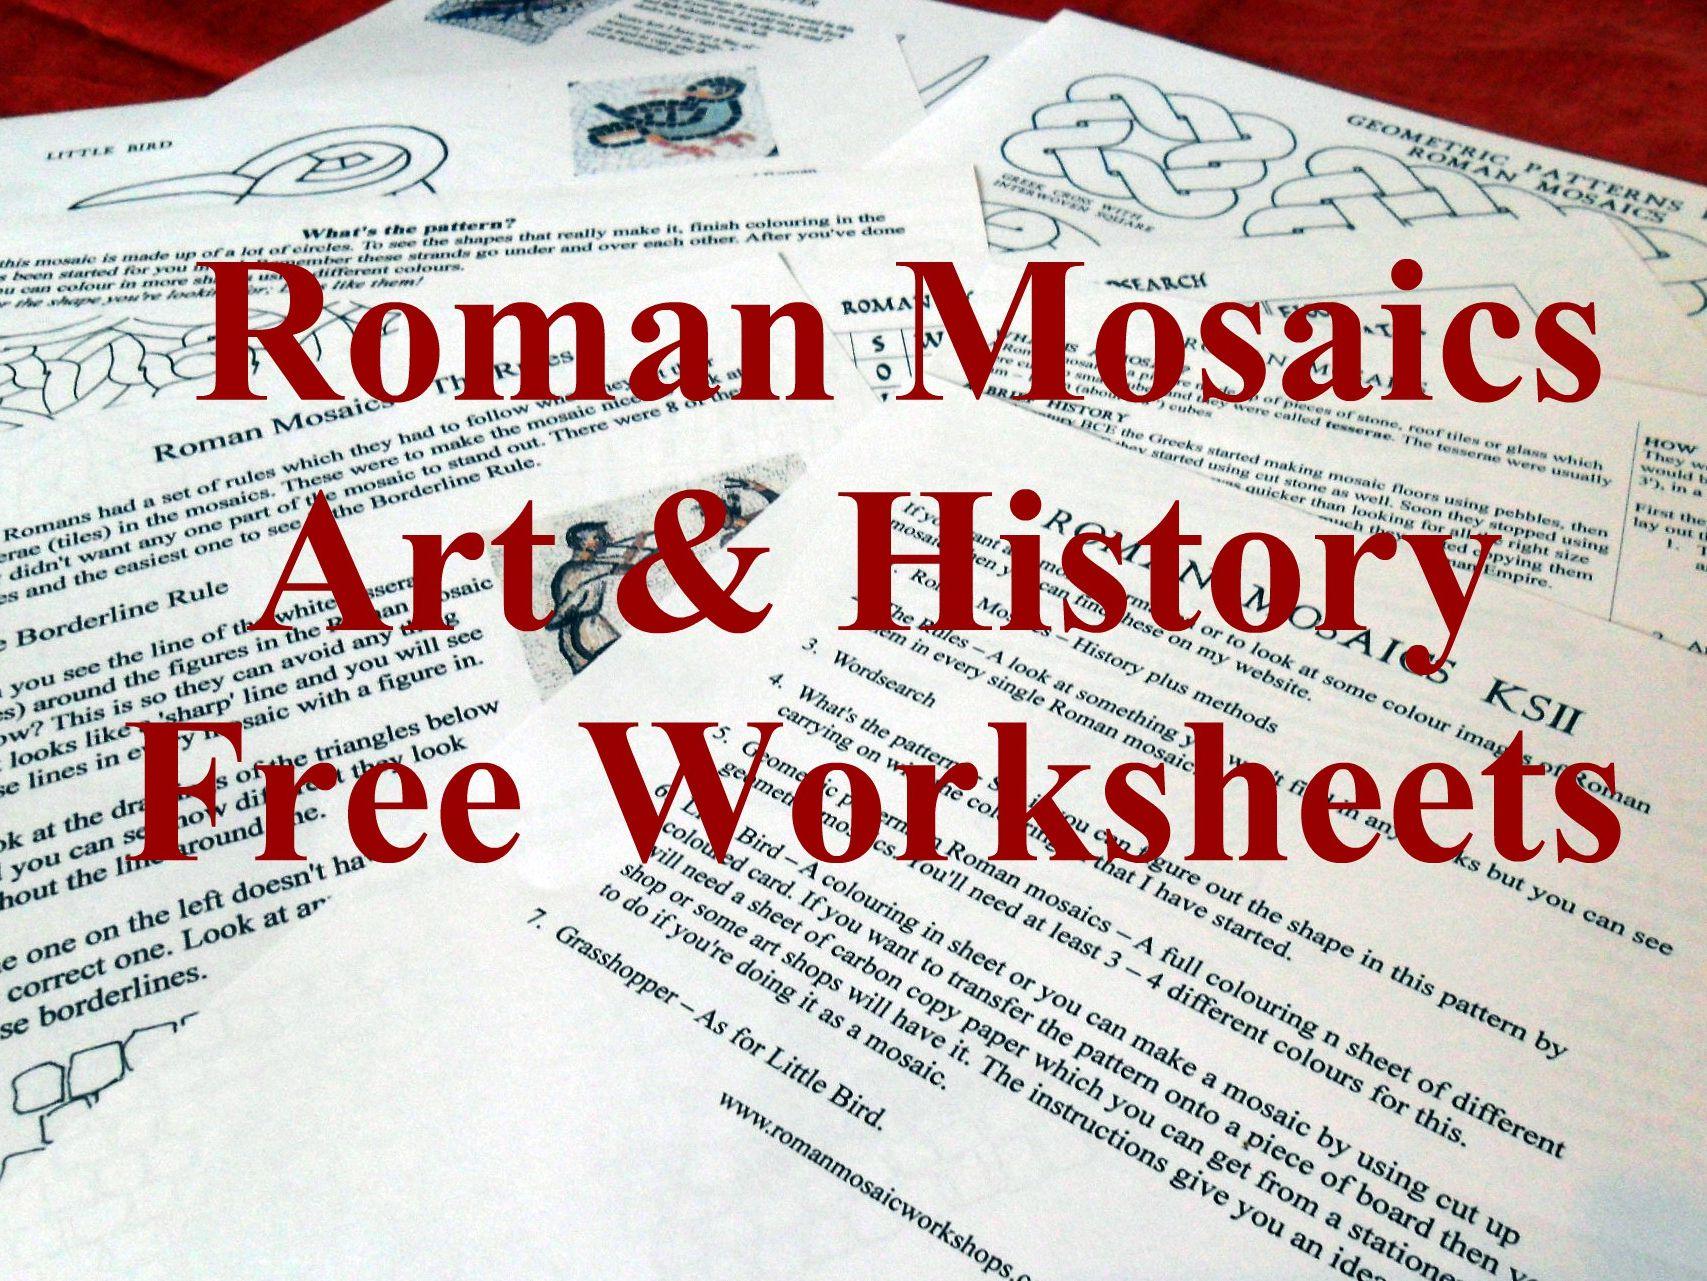 Roman Mosaics 7